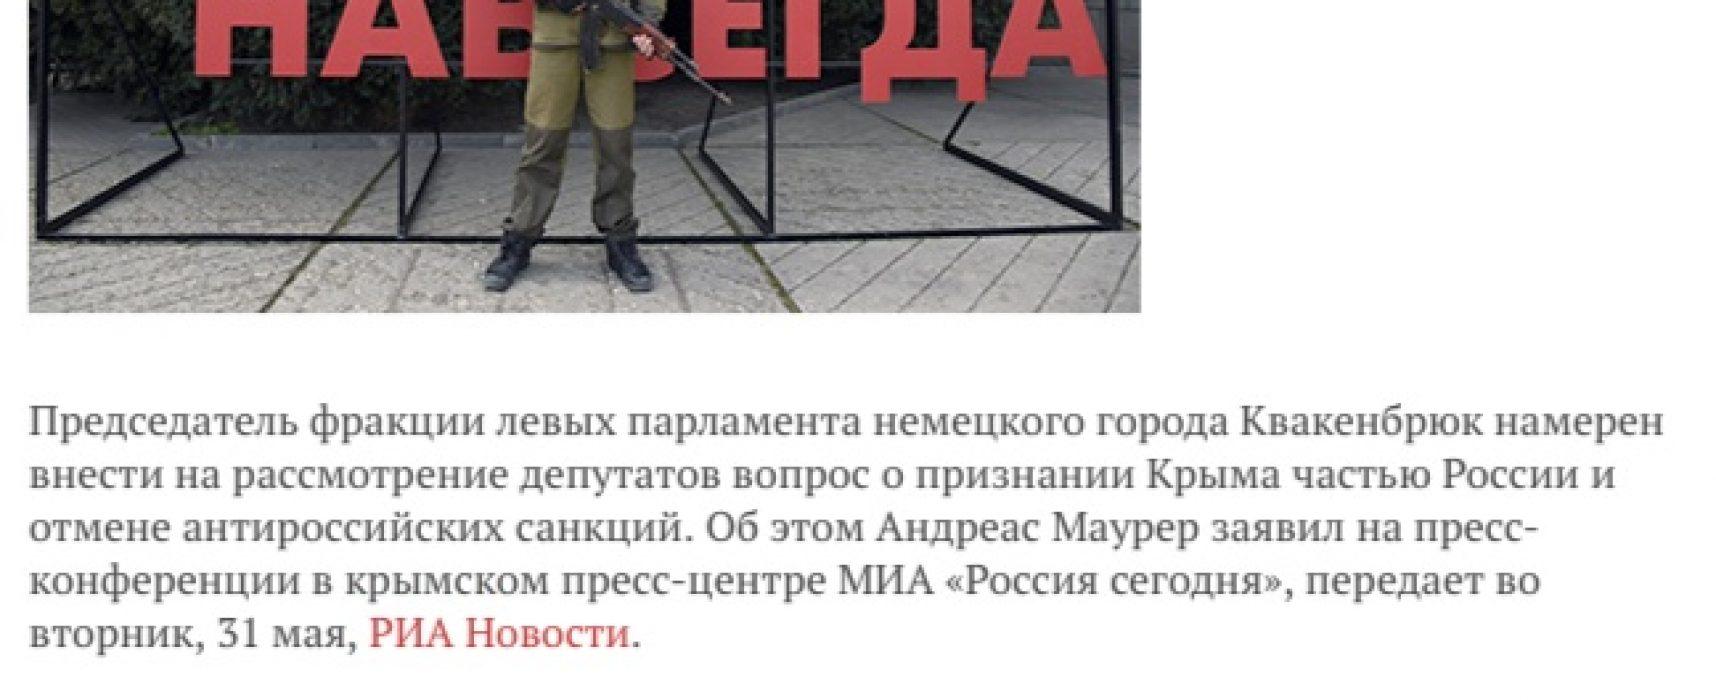 Fake: Duitse stad Quakenbrück gaat de Krim als deel van Rusland erkennen